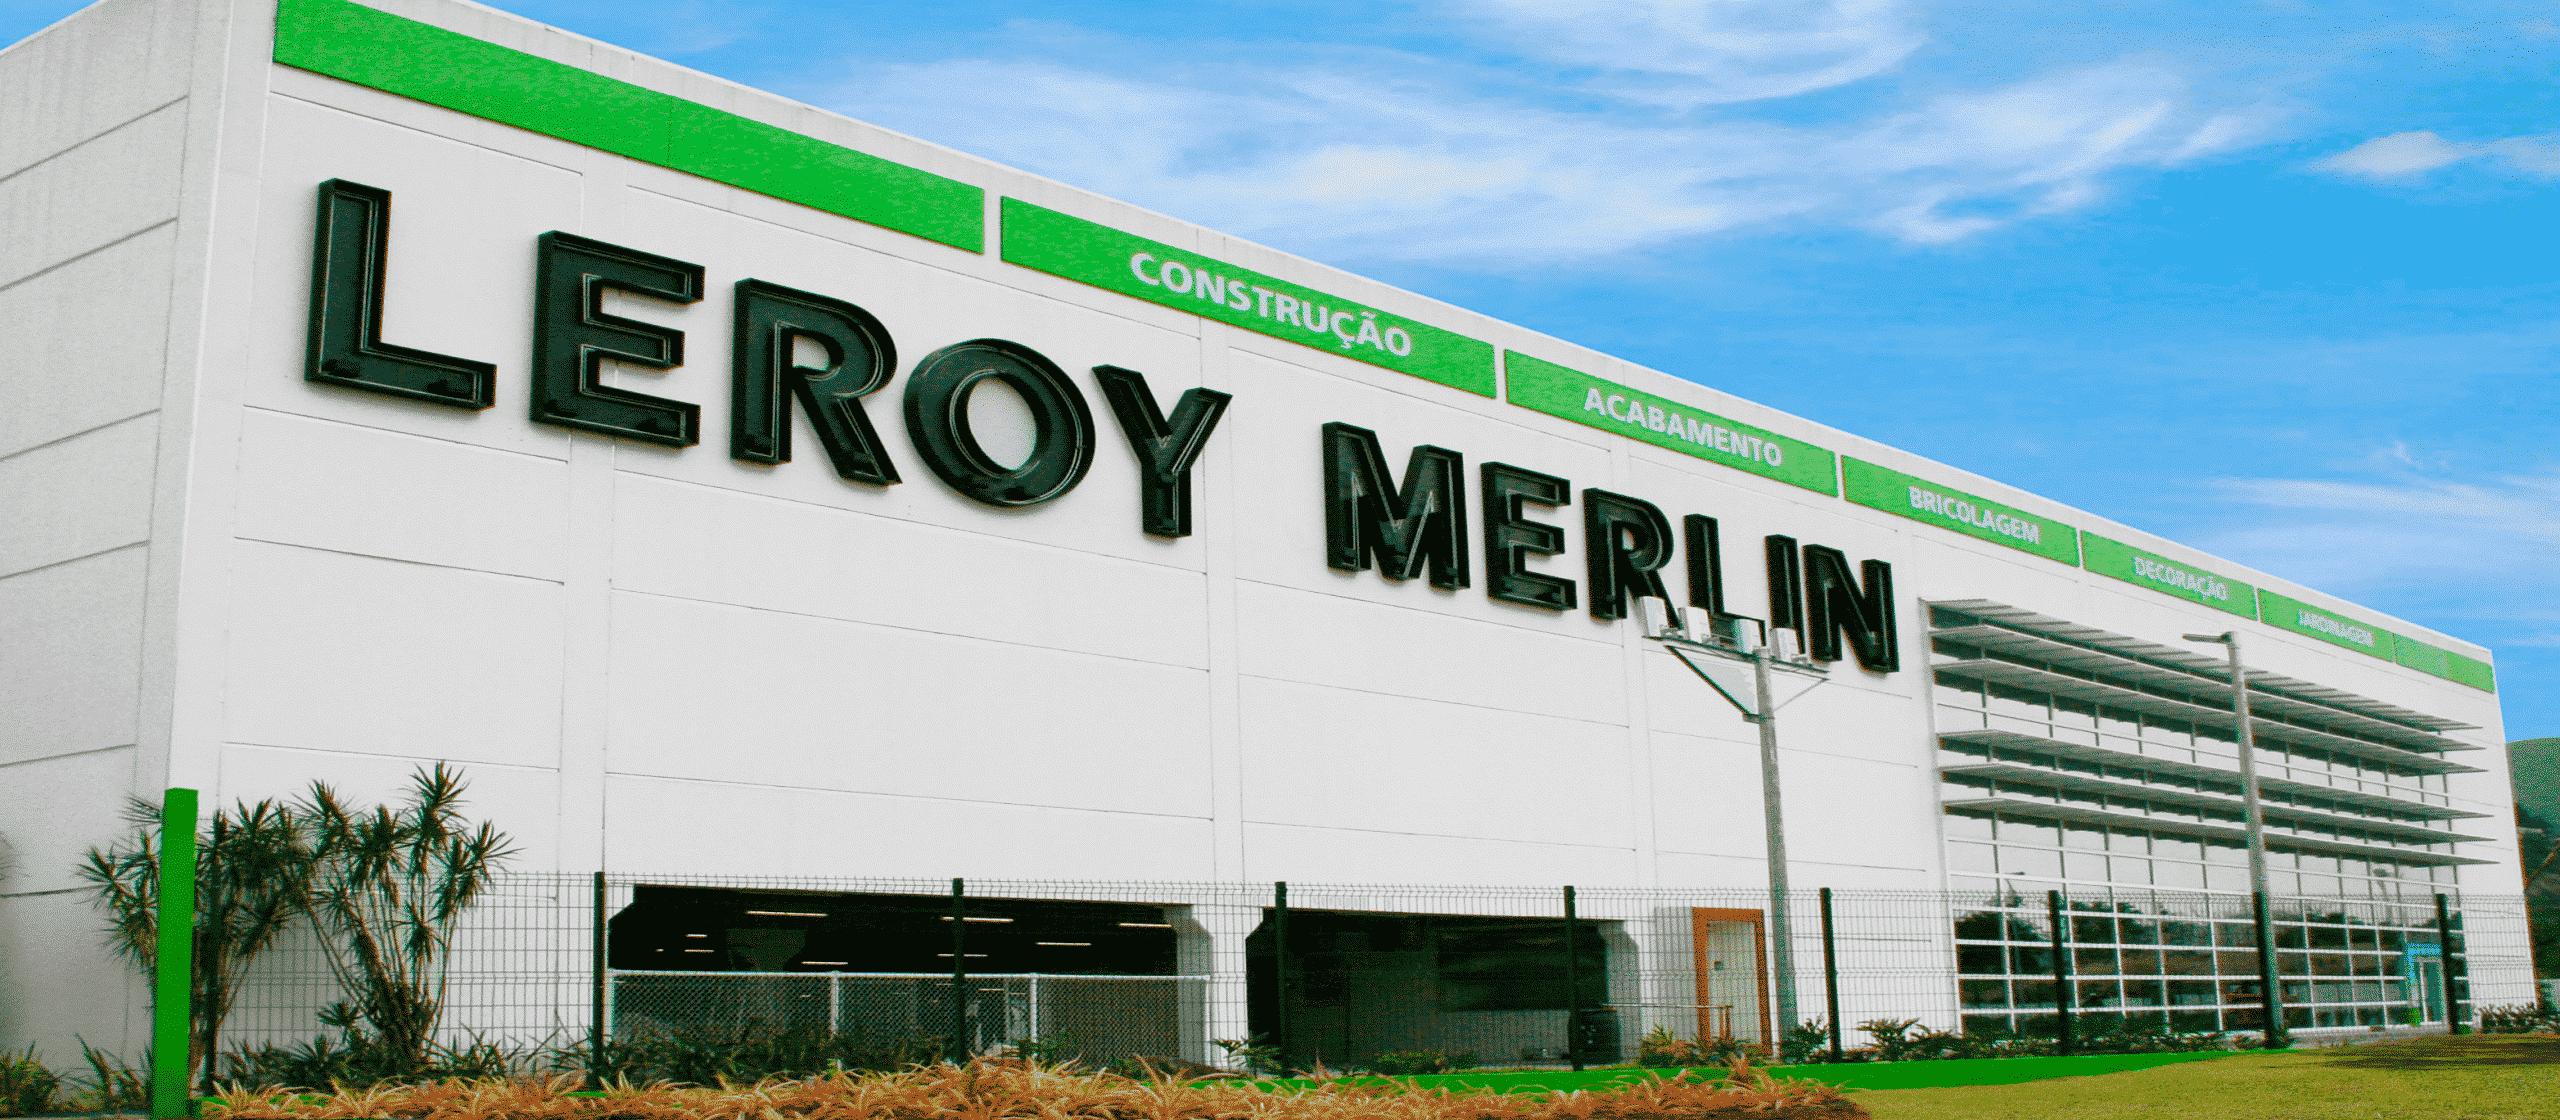 Leroy Merlin otimiza  filas de espera com soluções SISQUAL